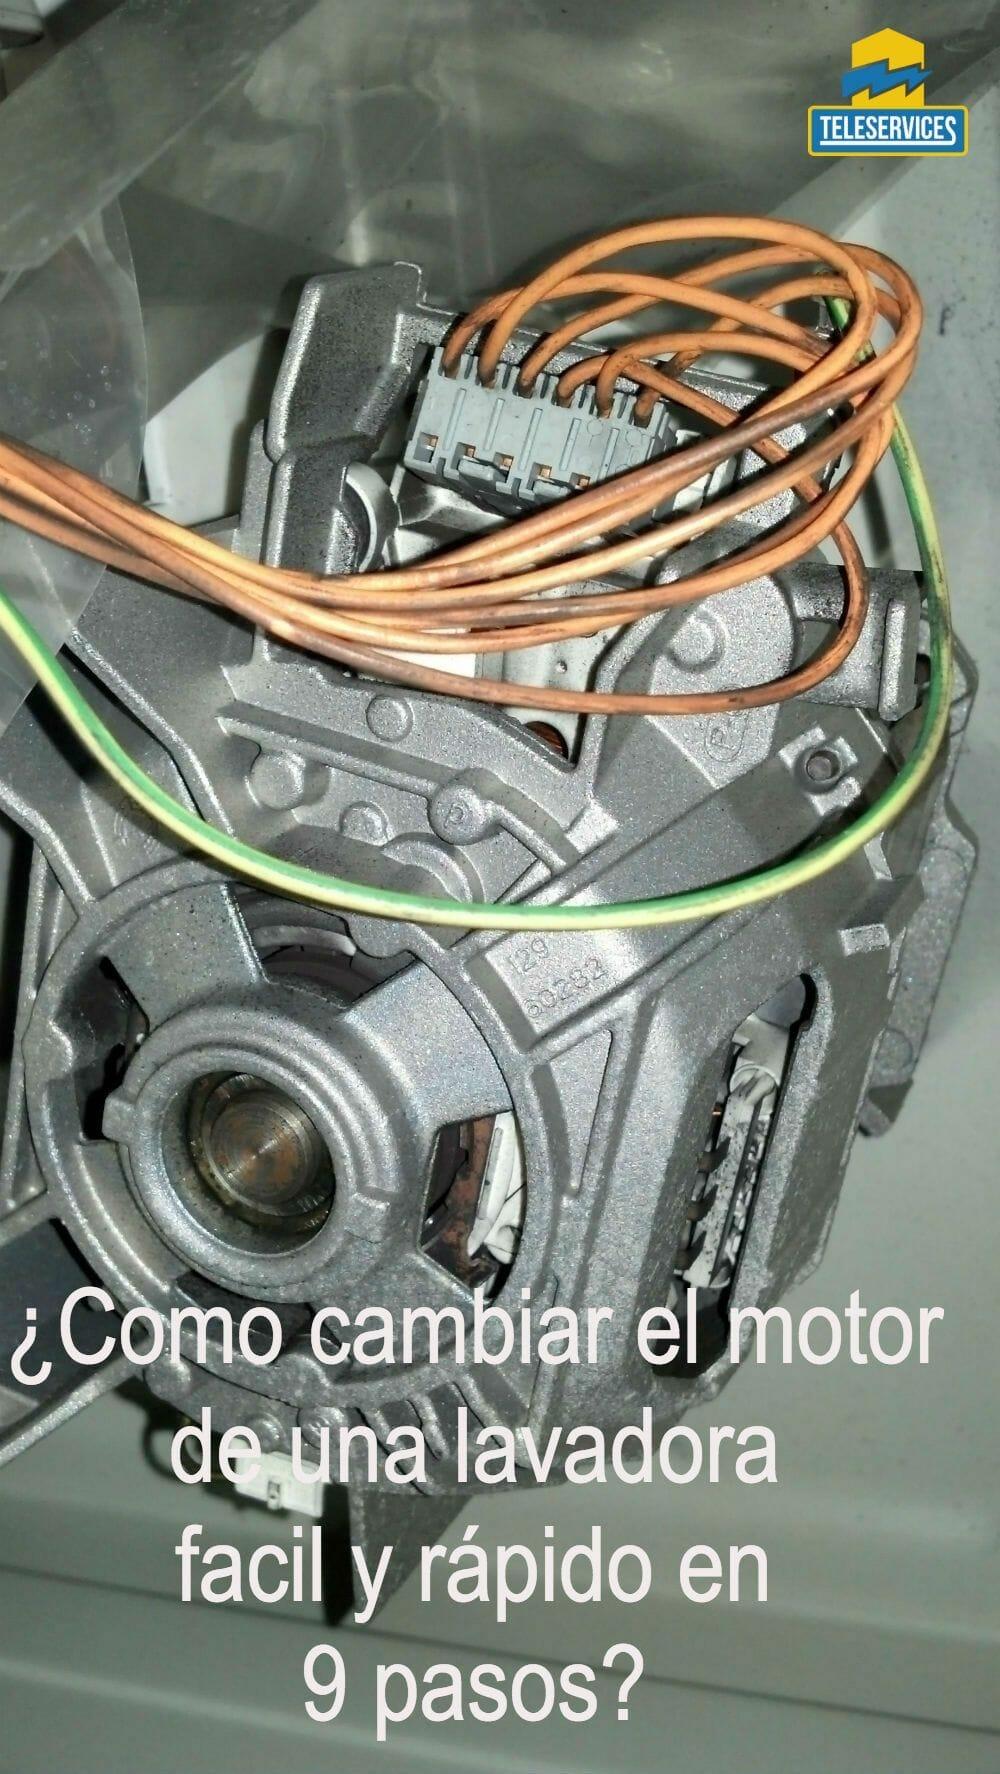 cambiar el motor de una lavadora